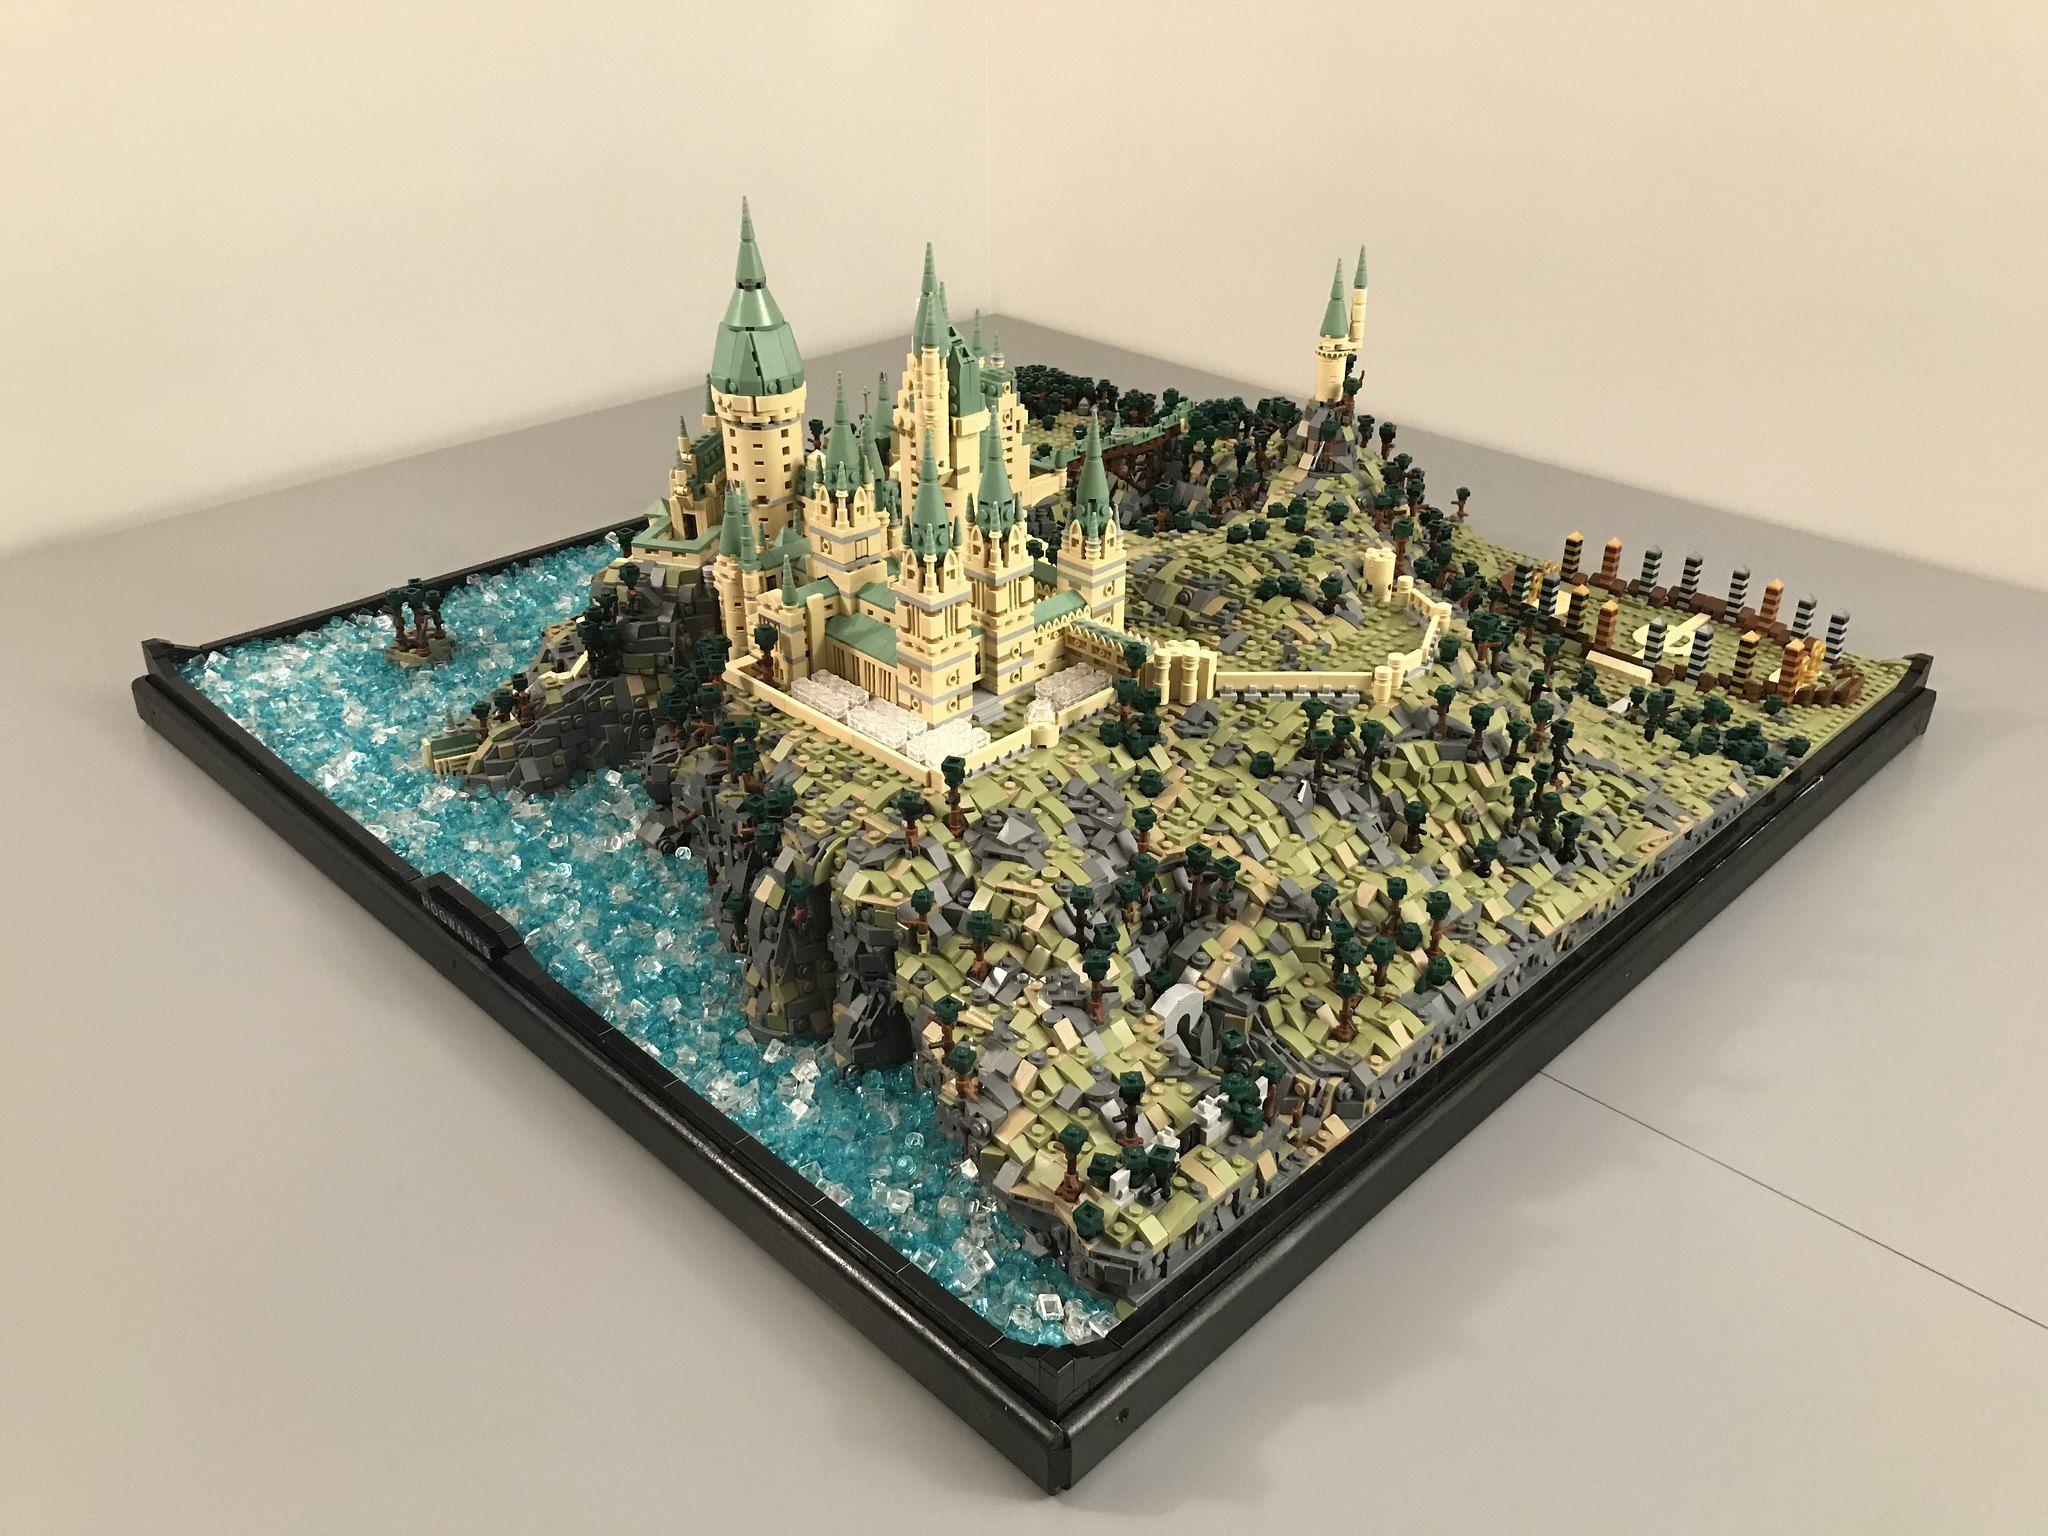 Lego Hogwarts Castle Lego Hogwarts Harry Potter Lego Sets Lego Harry Potter